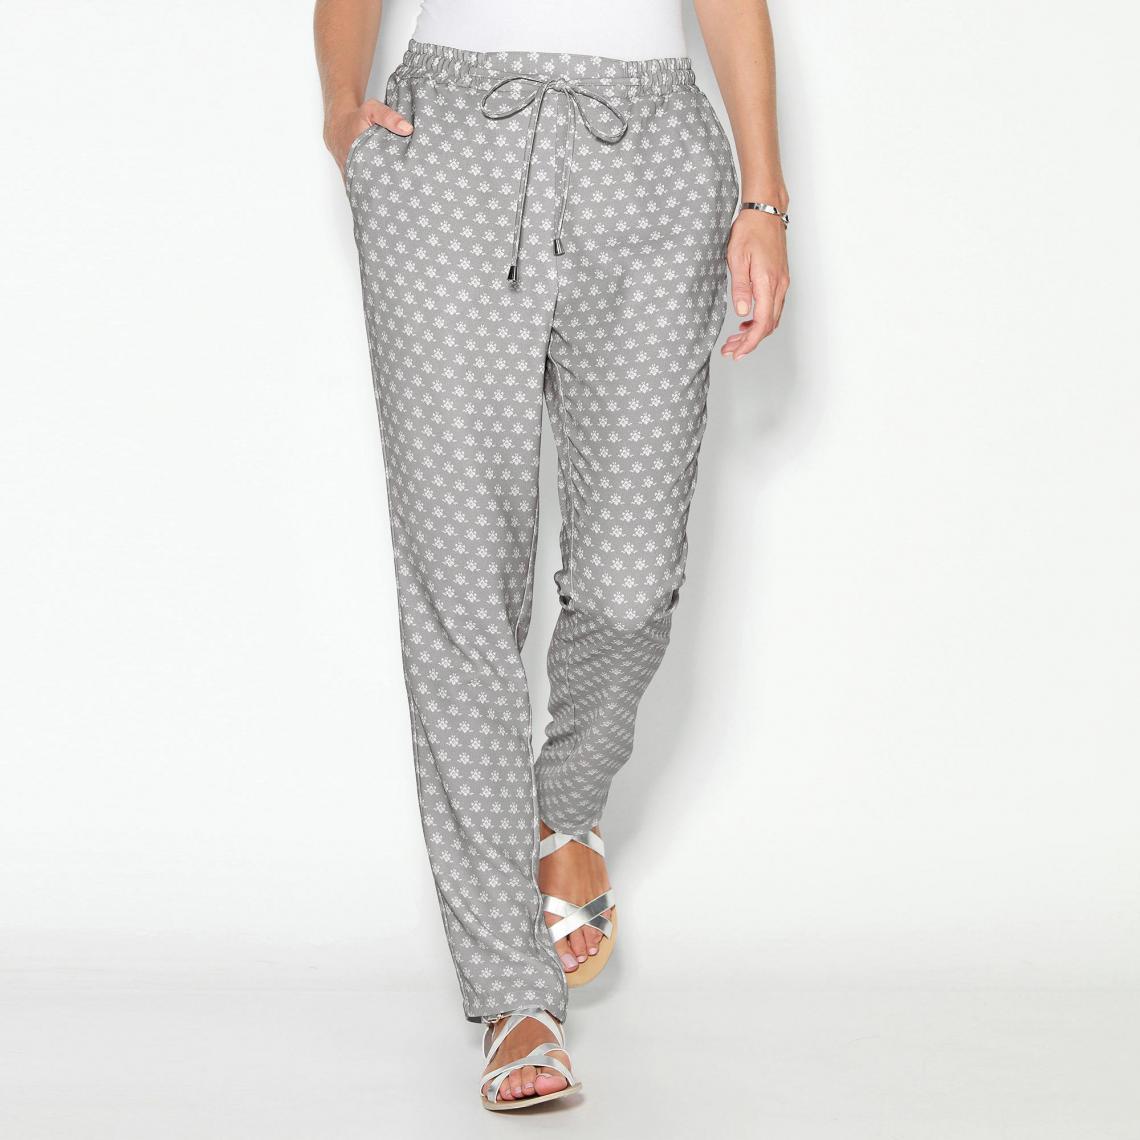 Pantalon imprimé taille élastique et cordon femme Exclusivité 3SUISSES - Imprimé  Gris Perle 3 SUISSES Femme 0d10cb36eb3